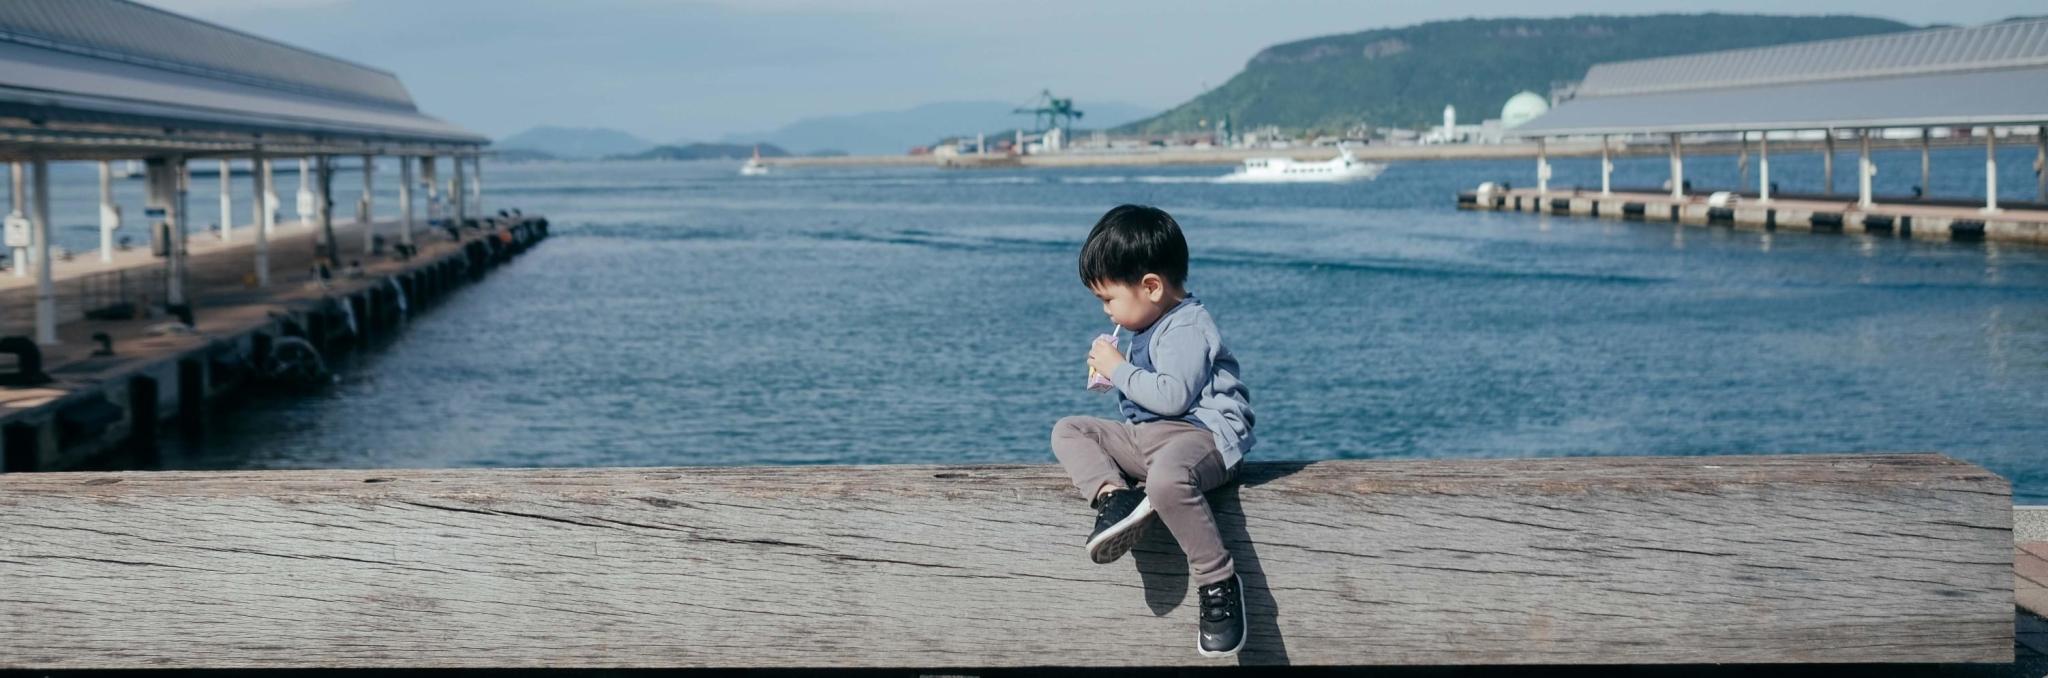 赴一場瀨戶內海藝術祭之約 | 你想要的所有干貨...